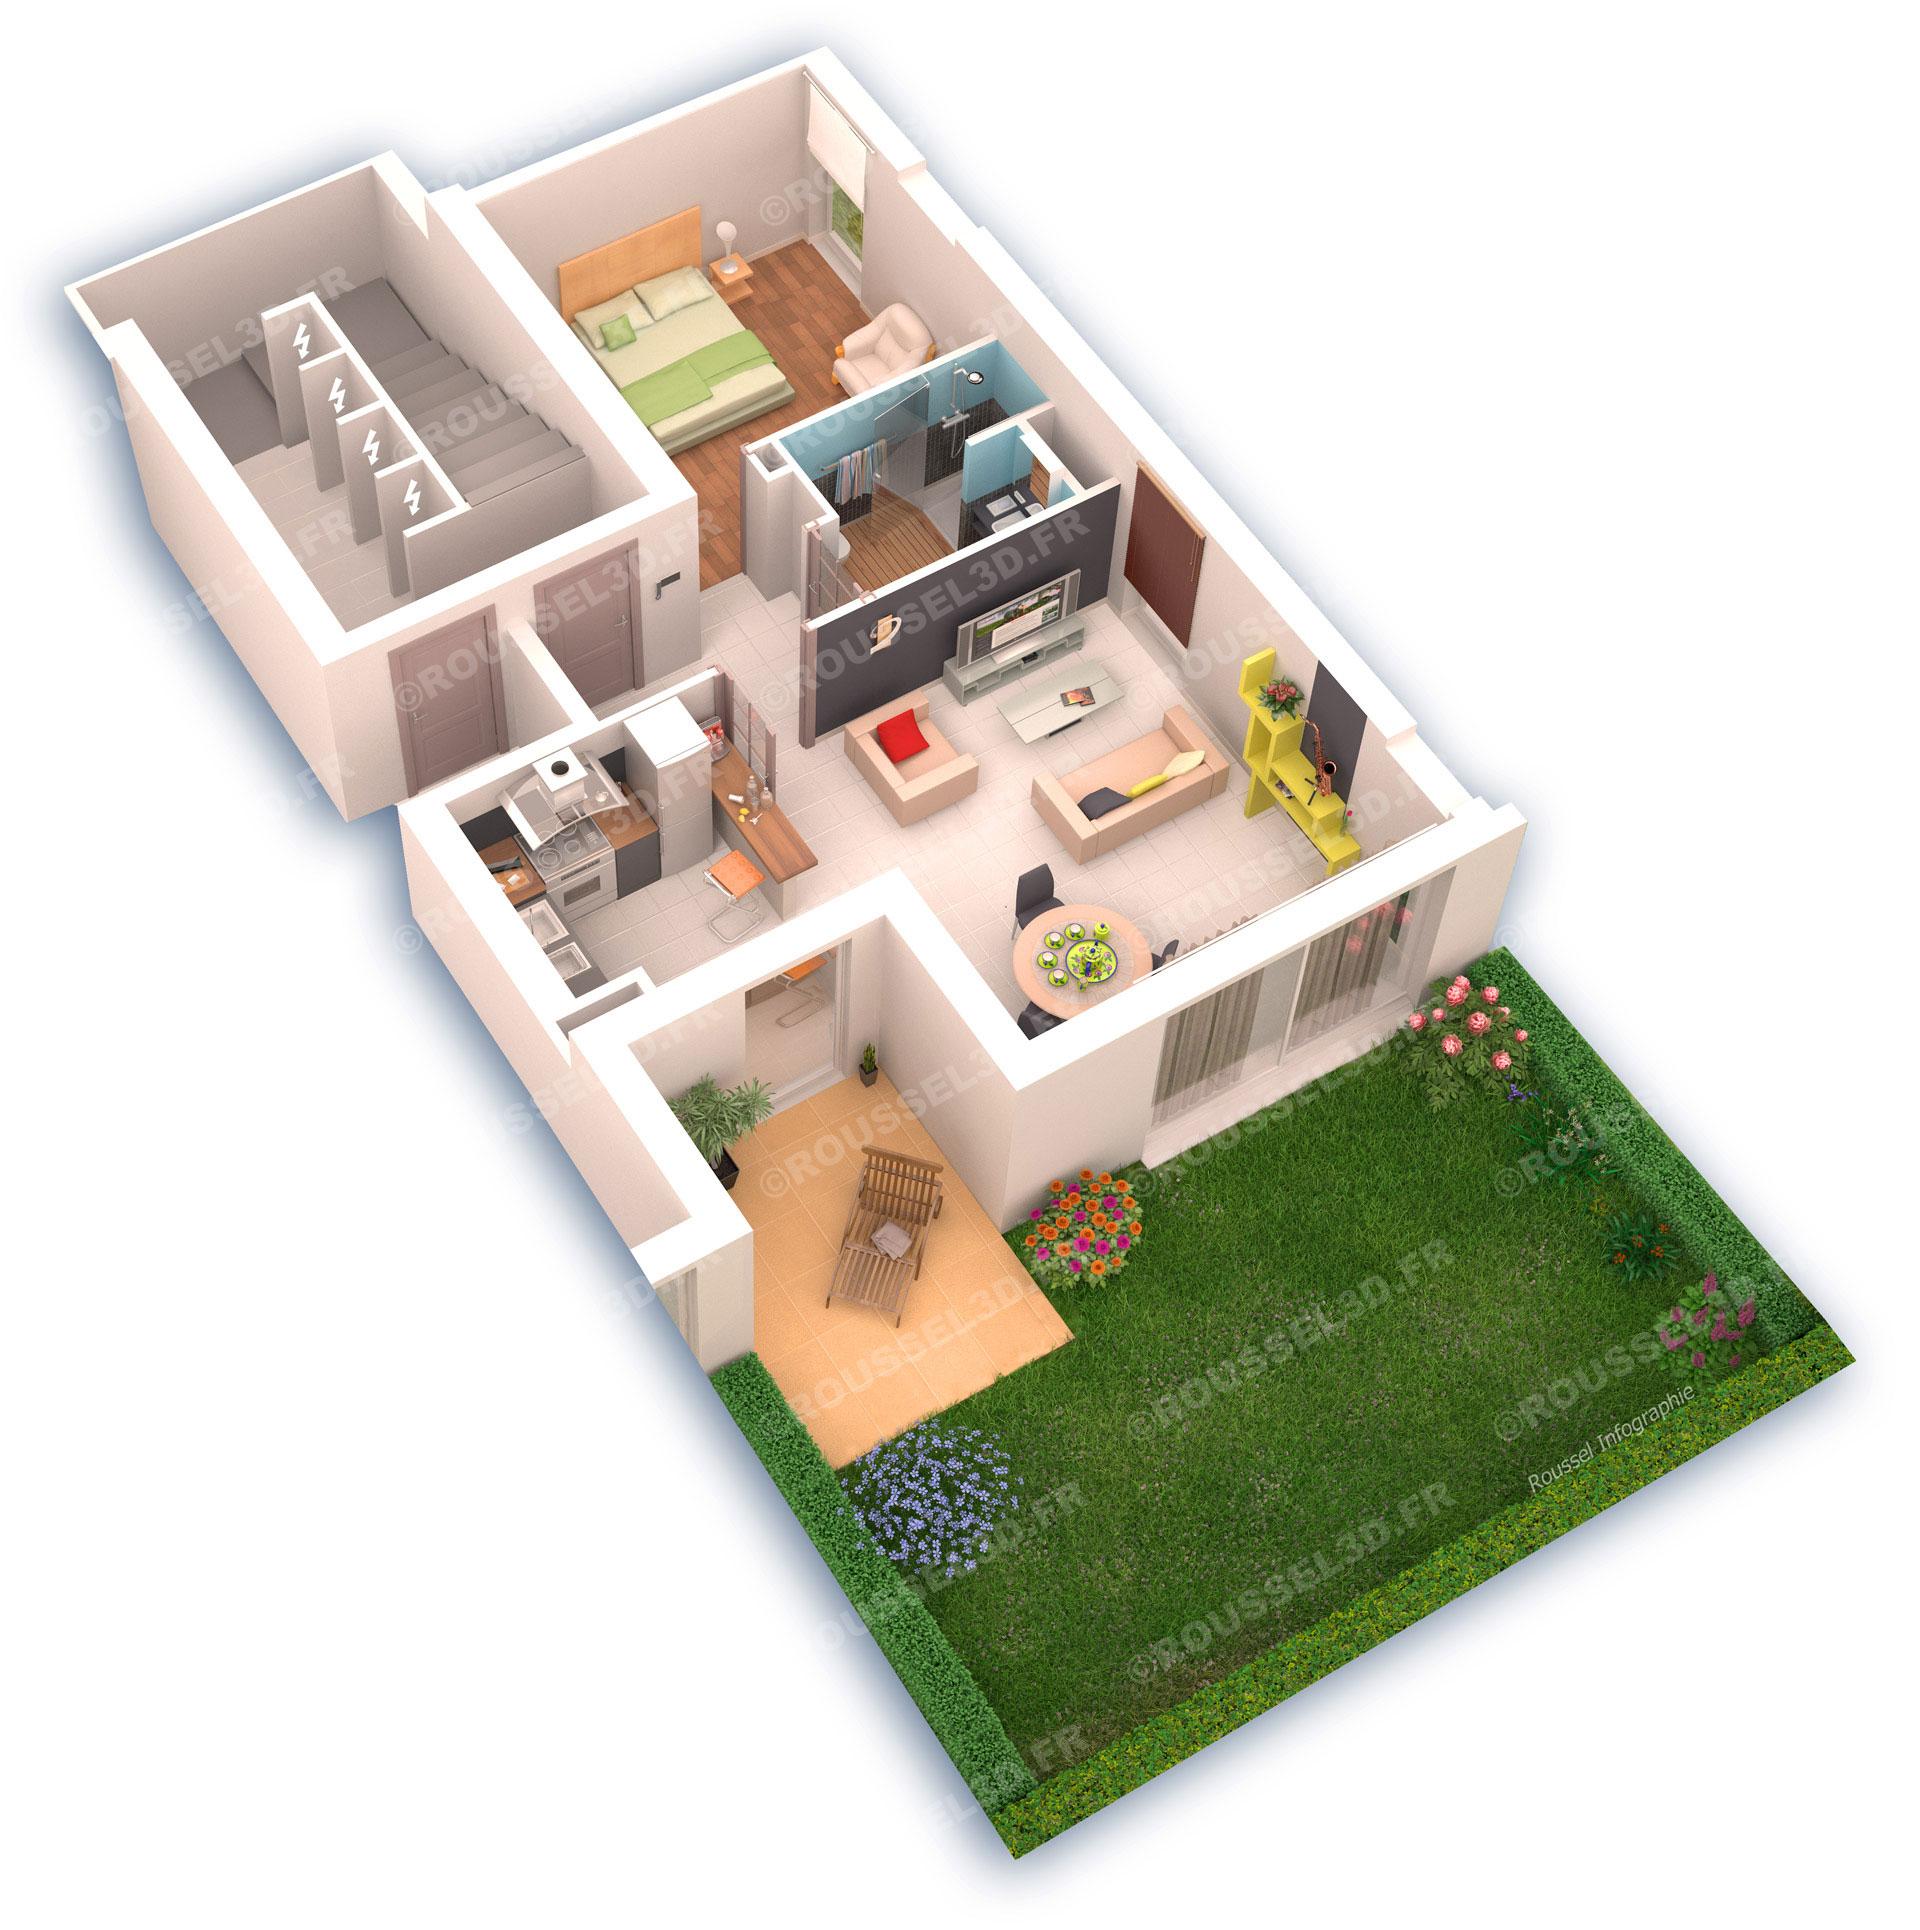 dessin 3d maison affordable logements with dessin 3d maison creation maison d villa patio. Black Bedroom Furniture Sets. Home Design Ideas